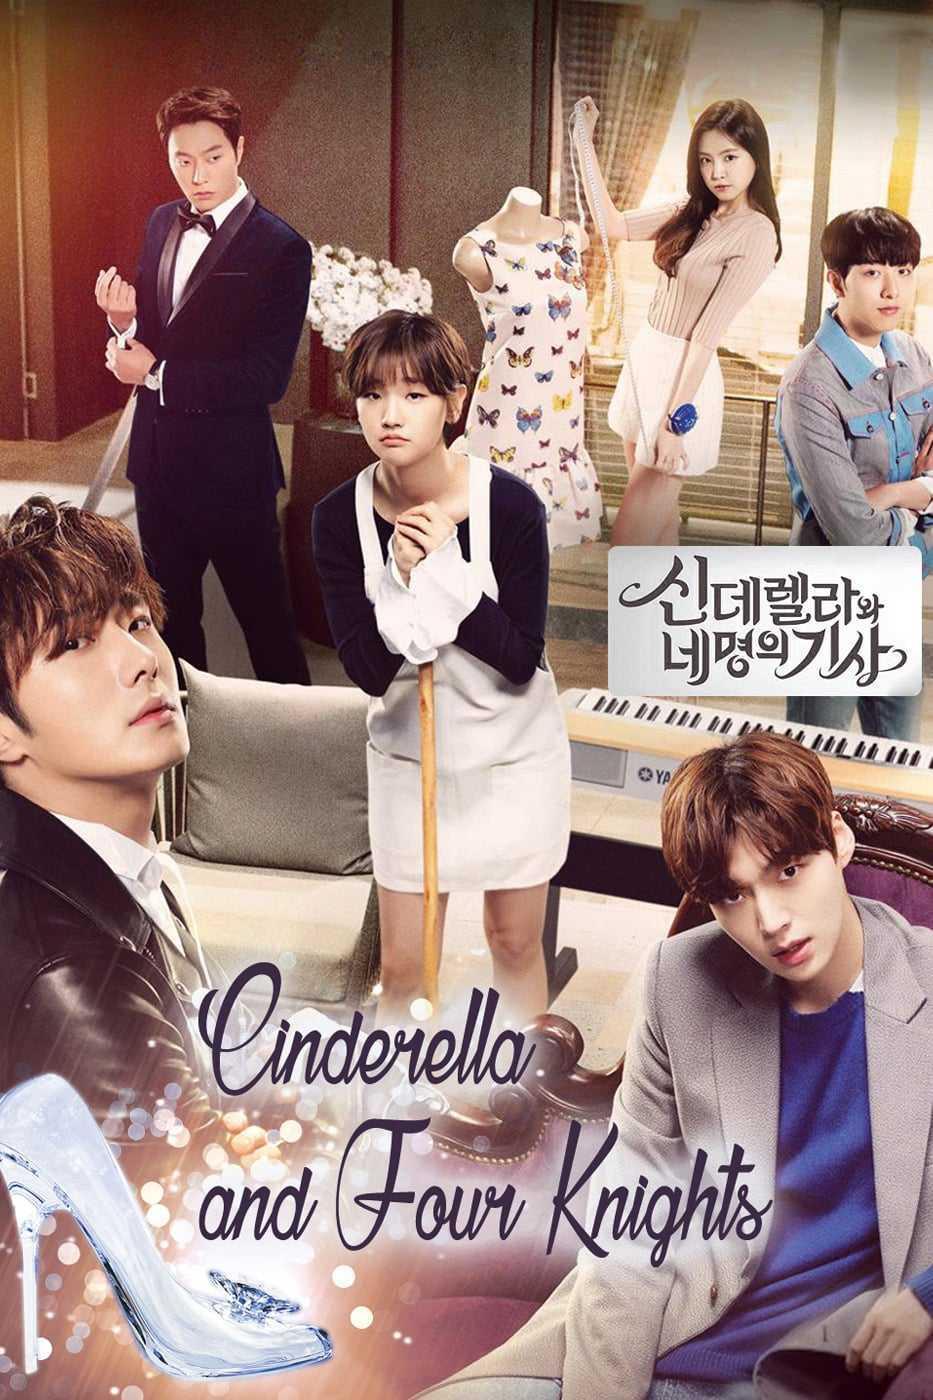 cinderella-and-four-knights-ปิ๊งรักยัยซินเดอเรลล่า-พากย์ไทย-ตอนที่-1-16-จบ-